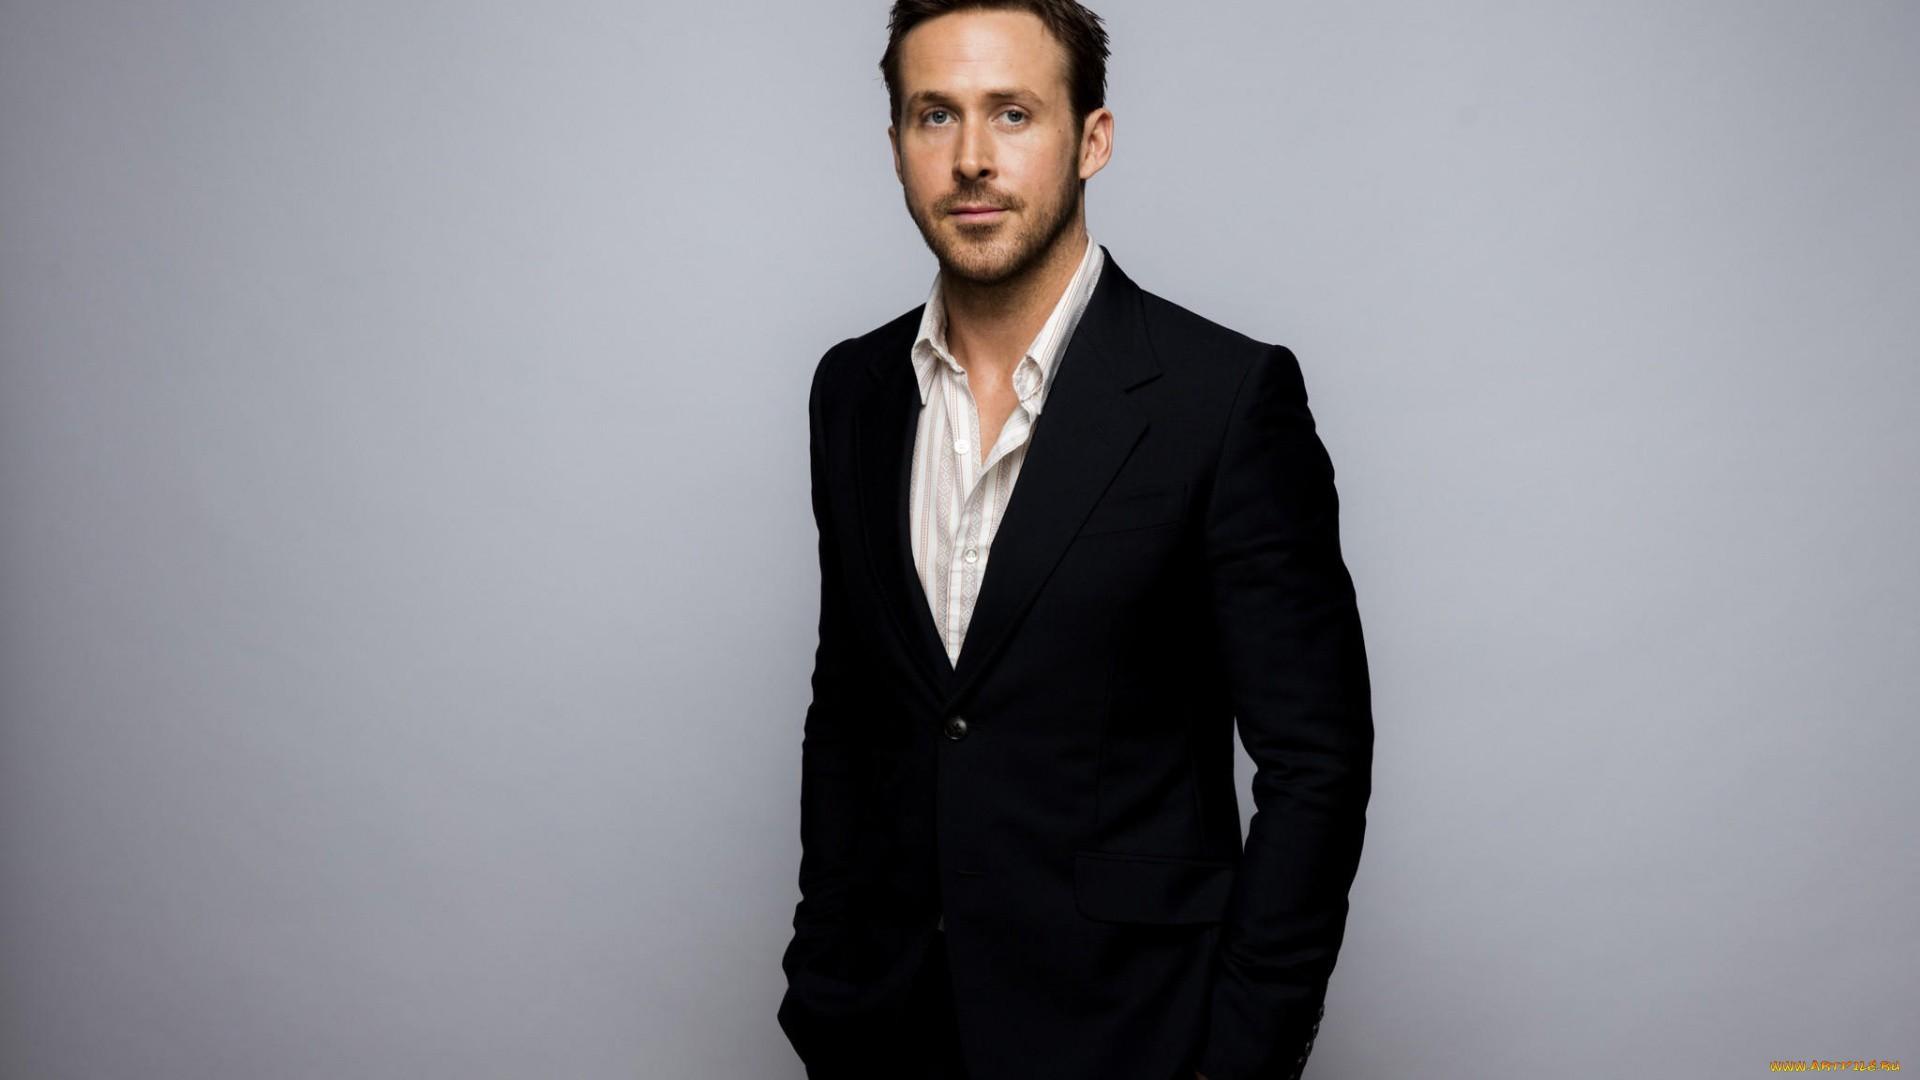 Ryan Gosling 2 Wallpaper image hd